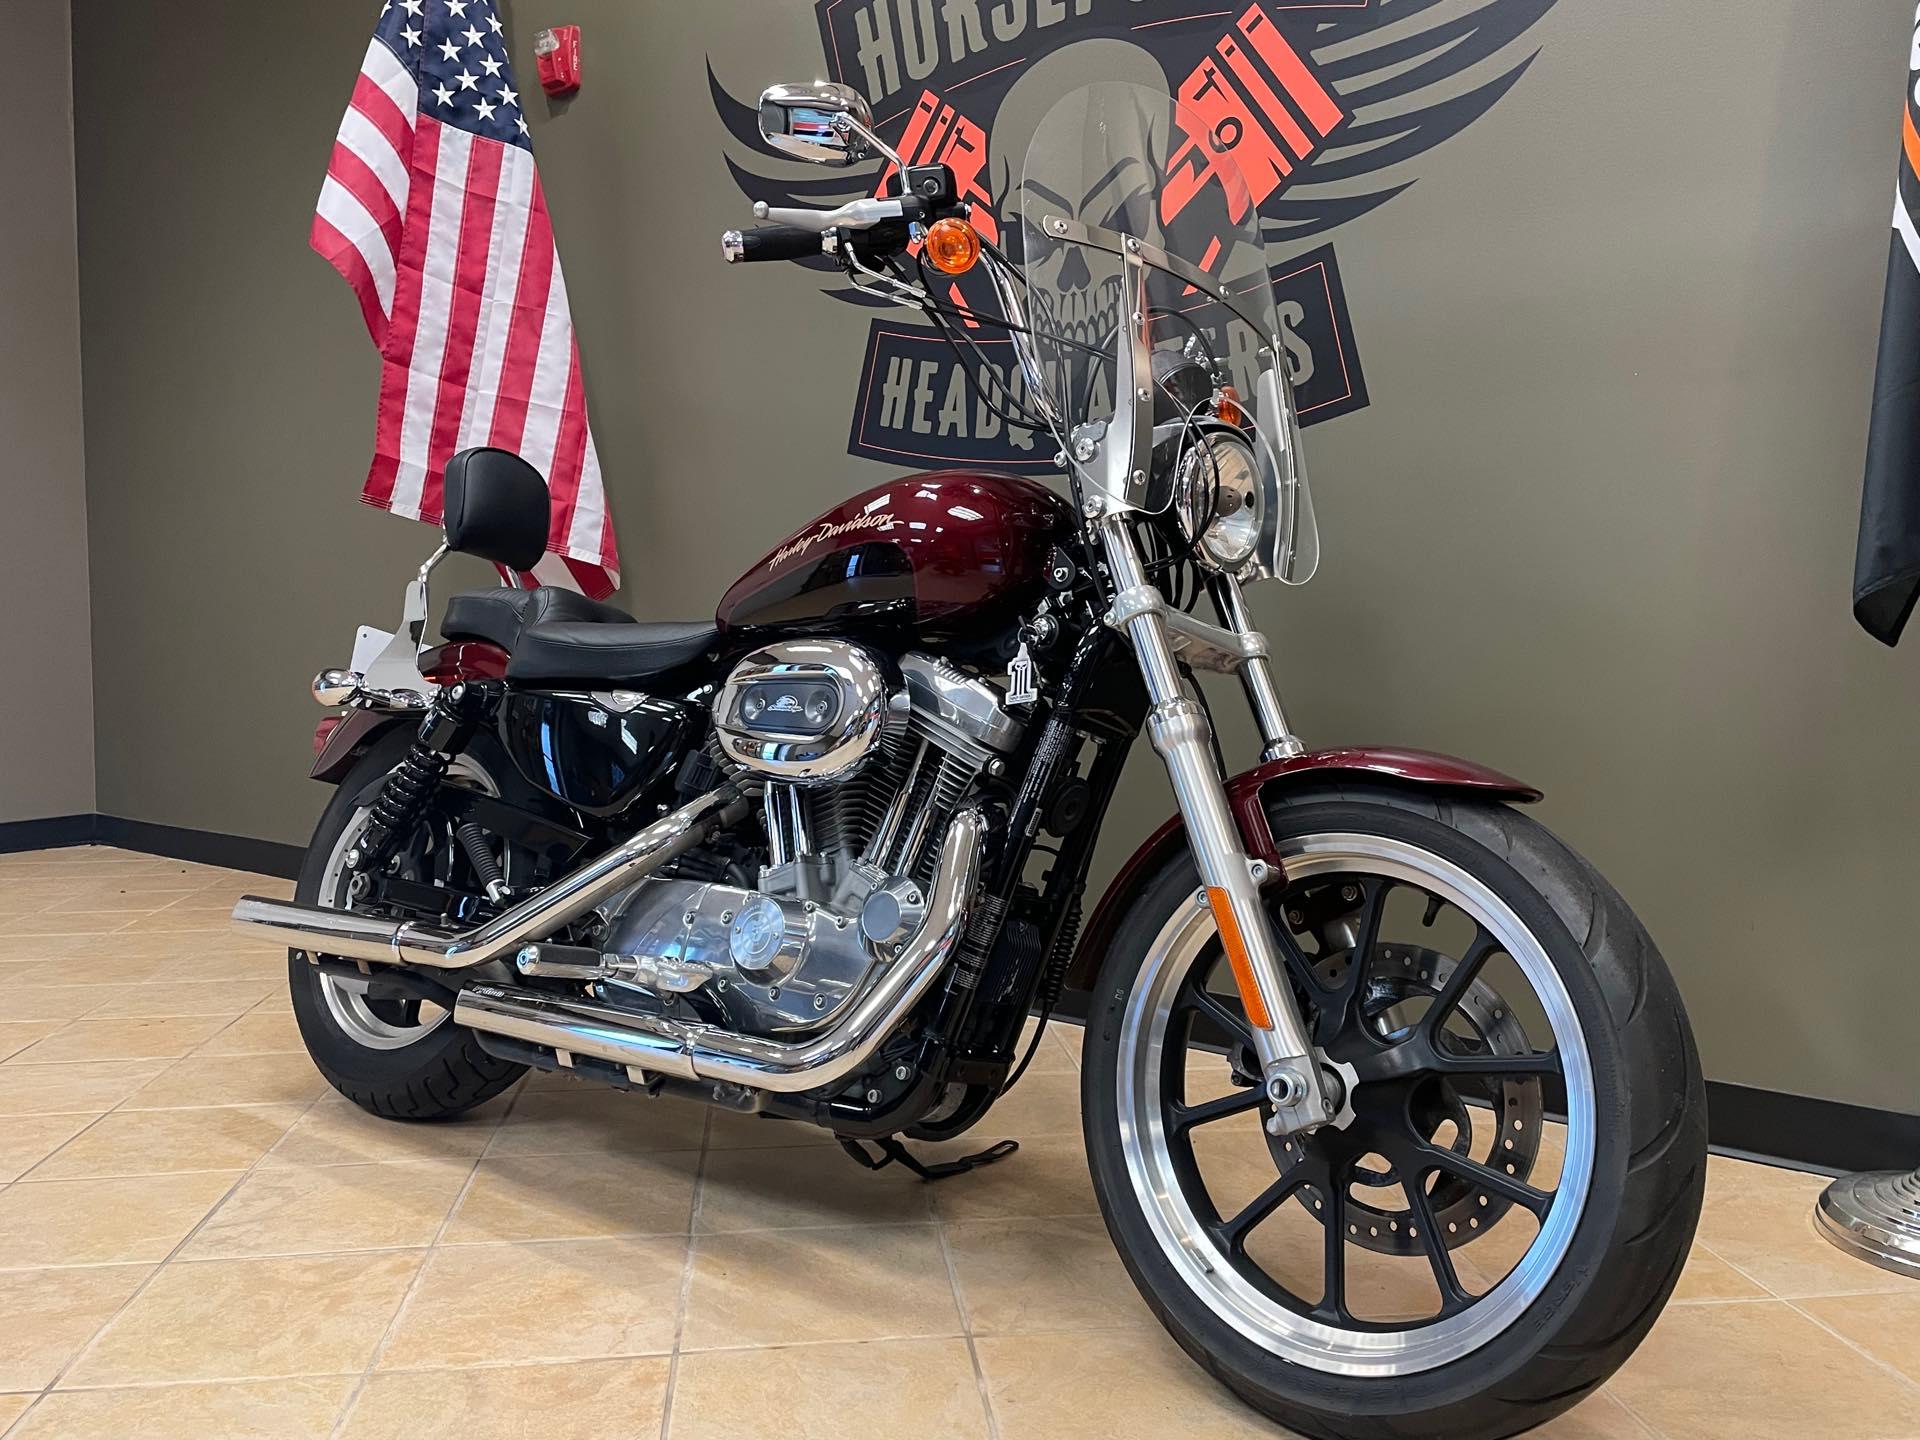 2014 Harley-Davidson Sportster SuperLow at Loess Hills Harley-Davidson